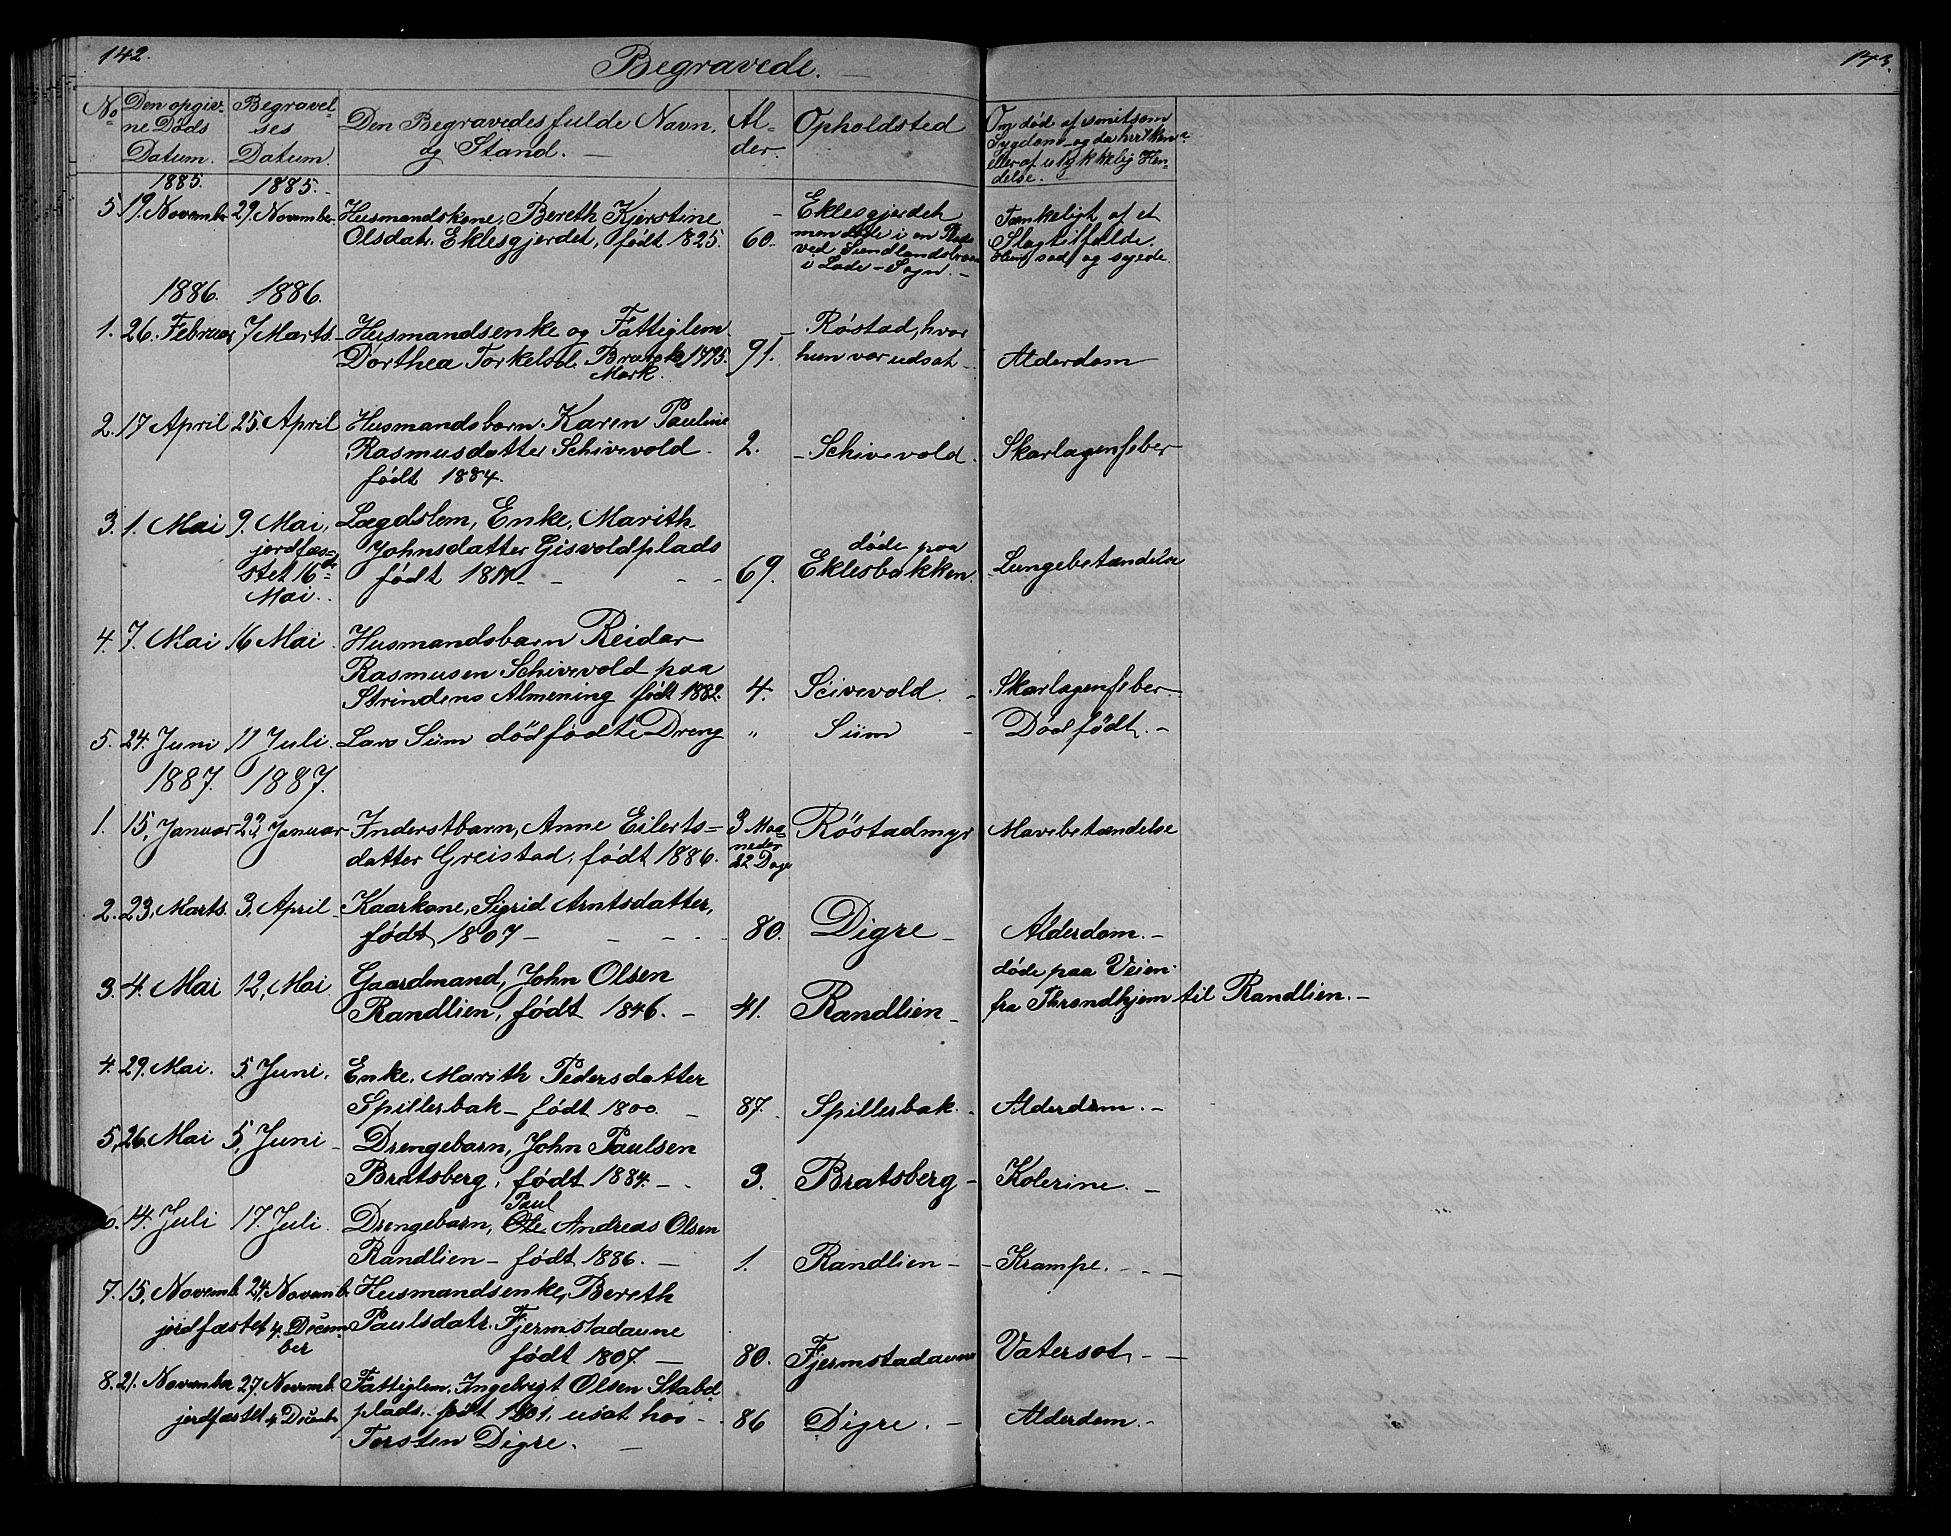 SAT, Ministerialprotokoller, klokkerbøker og fødselsregistre - Sør-Trøndelag, 608/L0340: Klokkerbok nr. 608C06, 1864-1889, s. 142-143